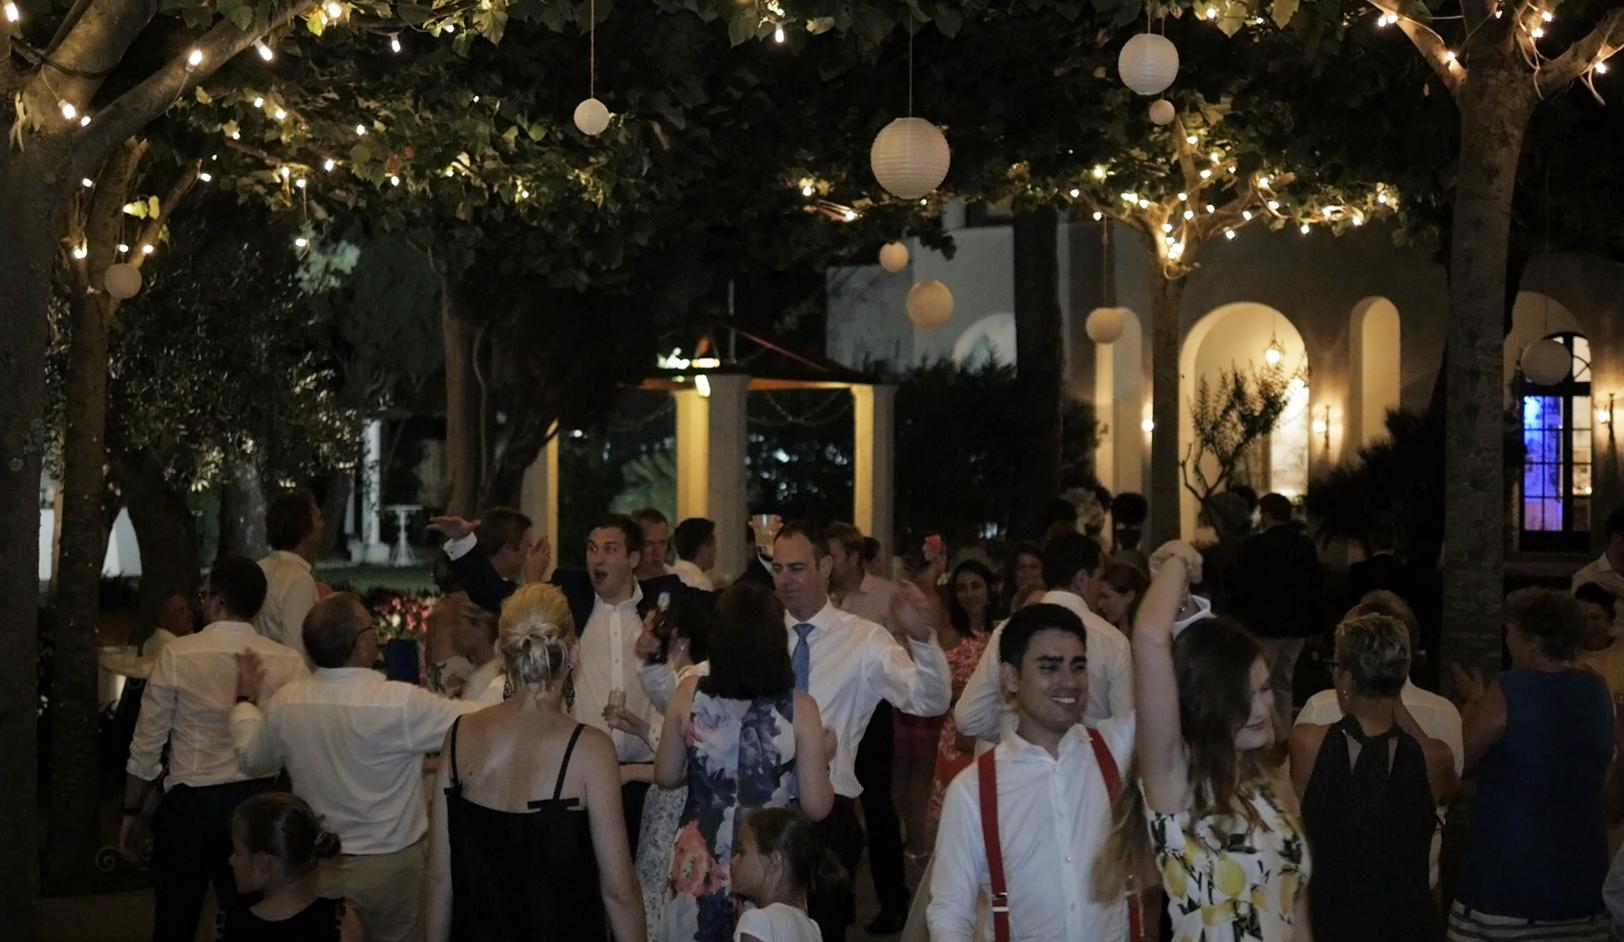 matrimonio-a-villa-eva-festa-ravello-italia-1.jpg